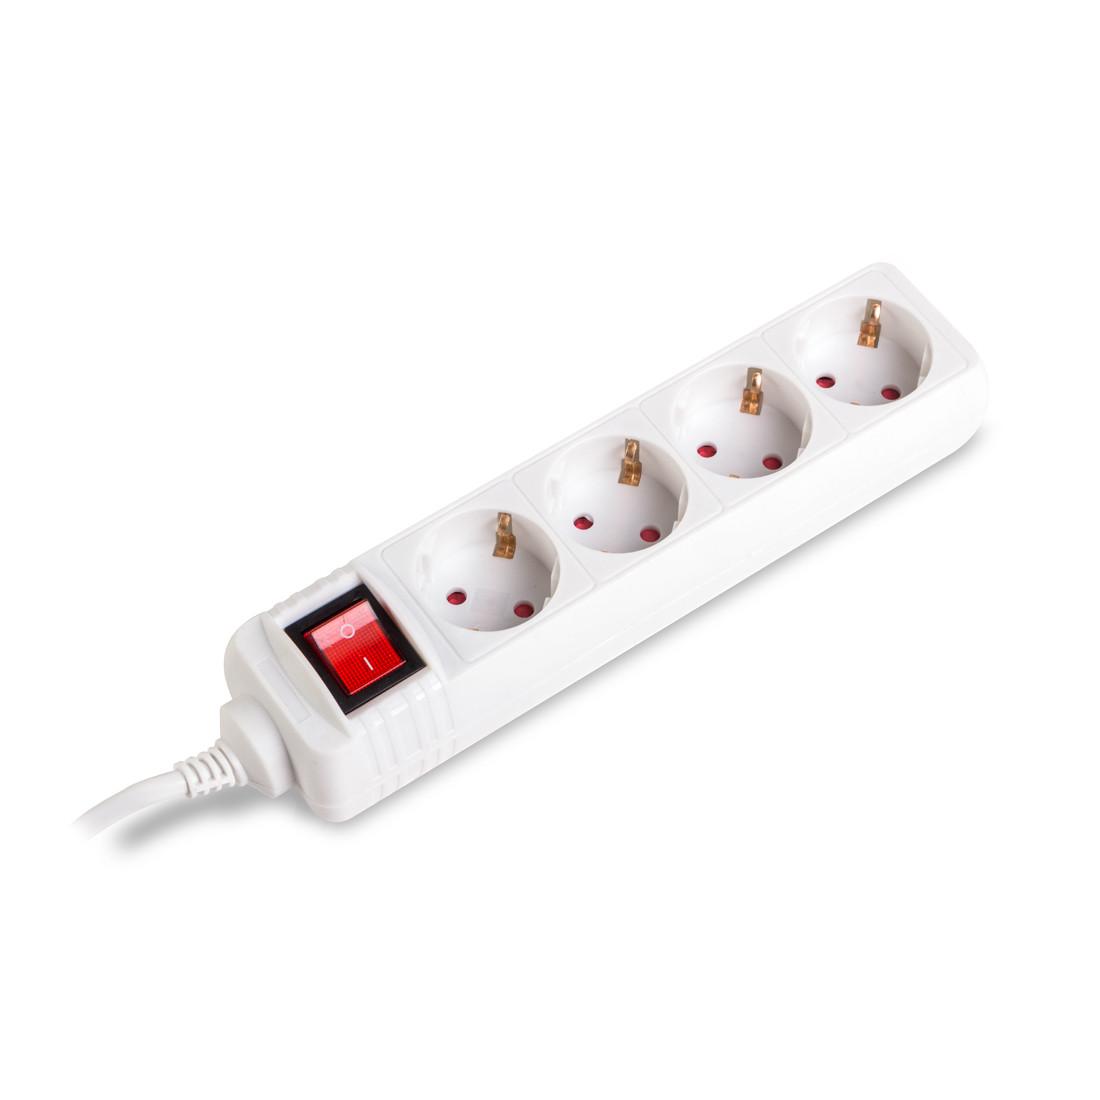 Сетевой фильтр iPower Home W4-50M 5 м.220 в.